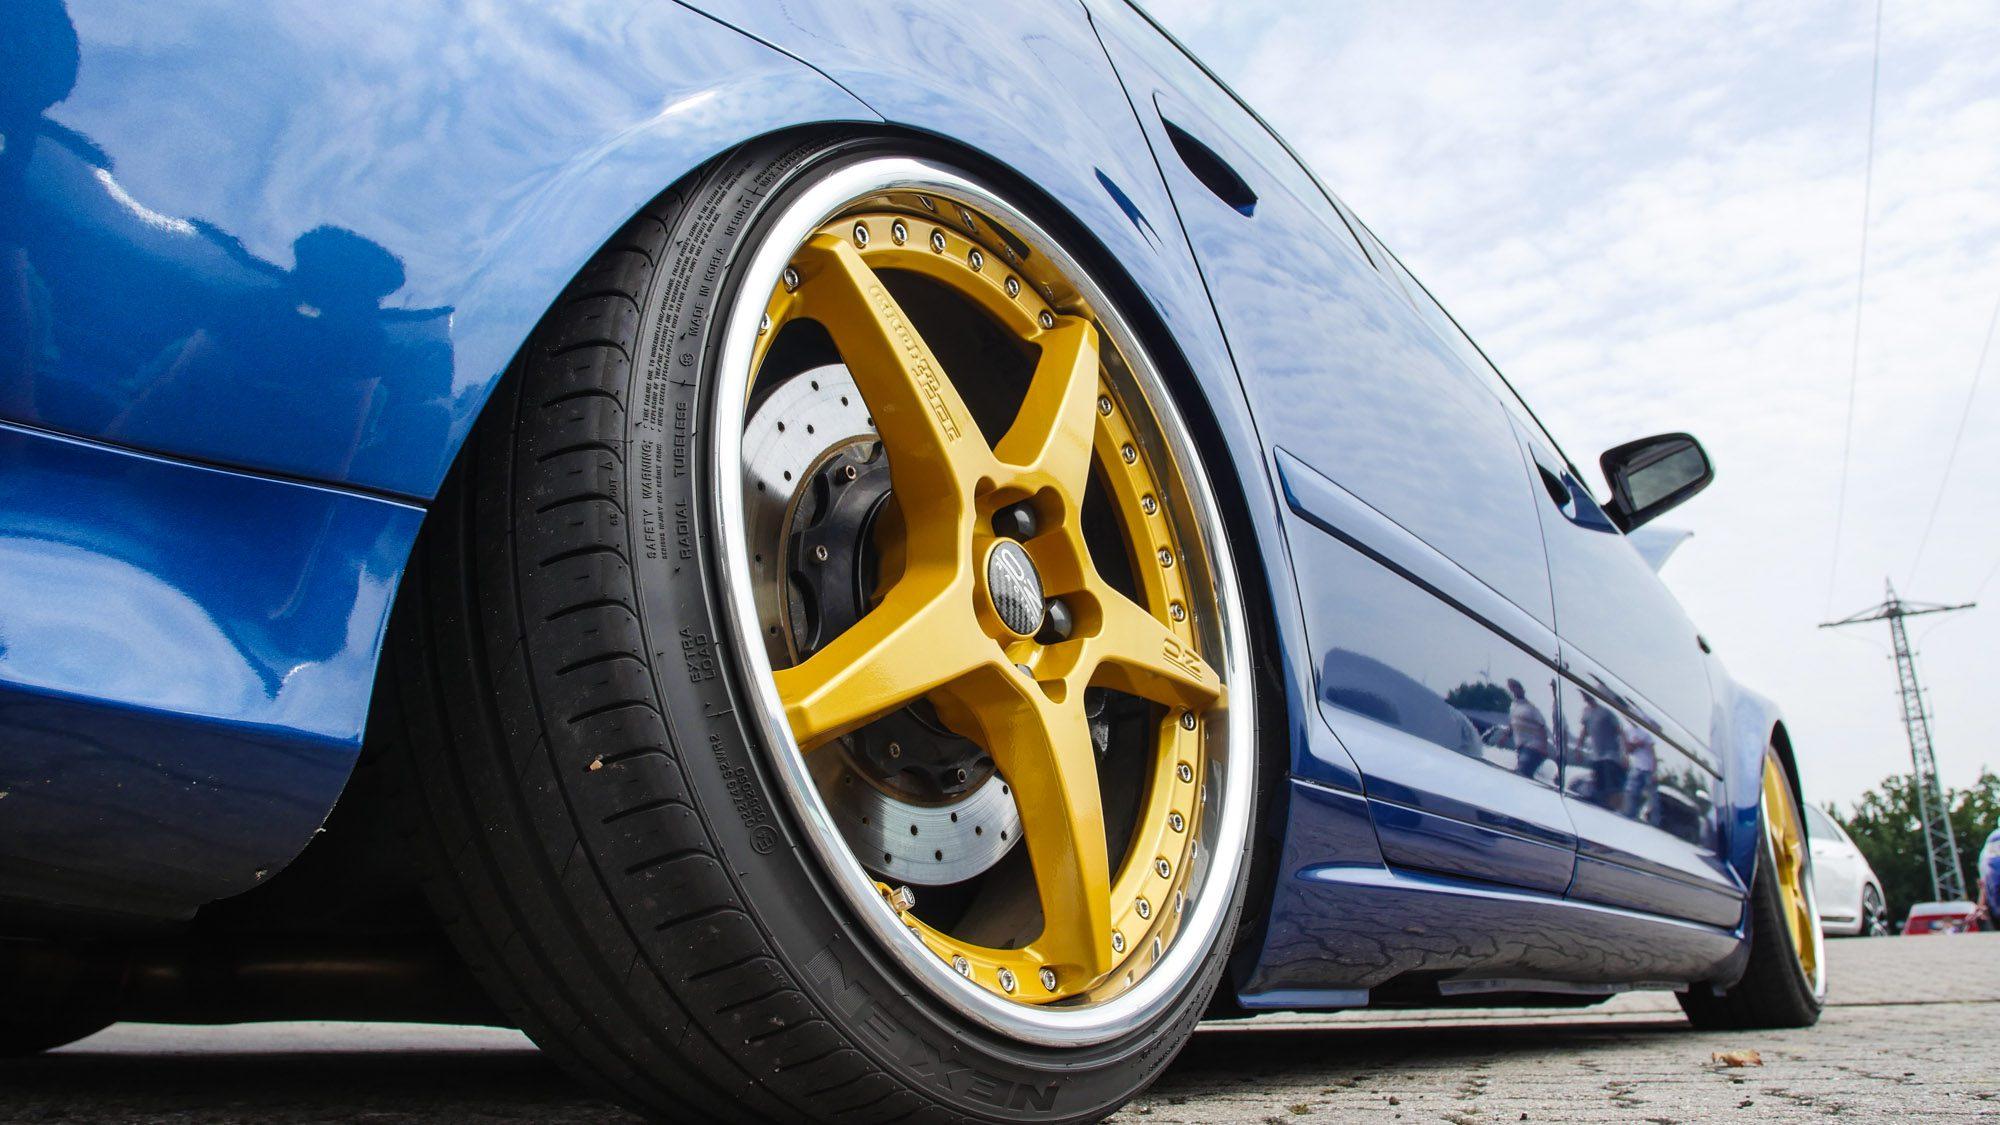 Schickes Kontrastprogramm auf dem Audi A3 3,2 quattro!